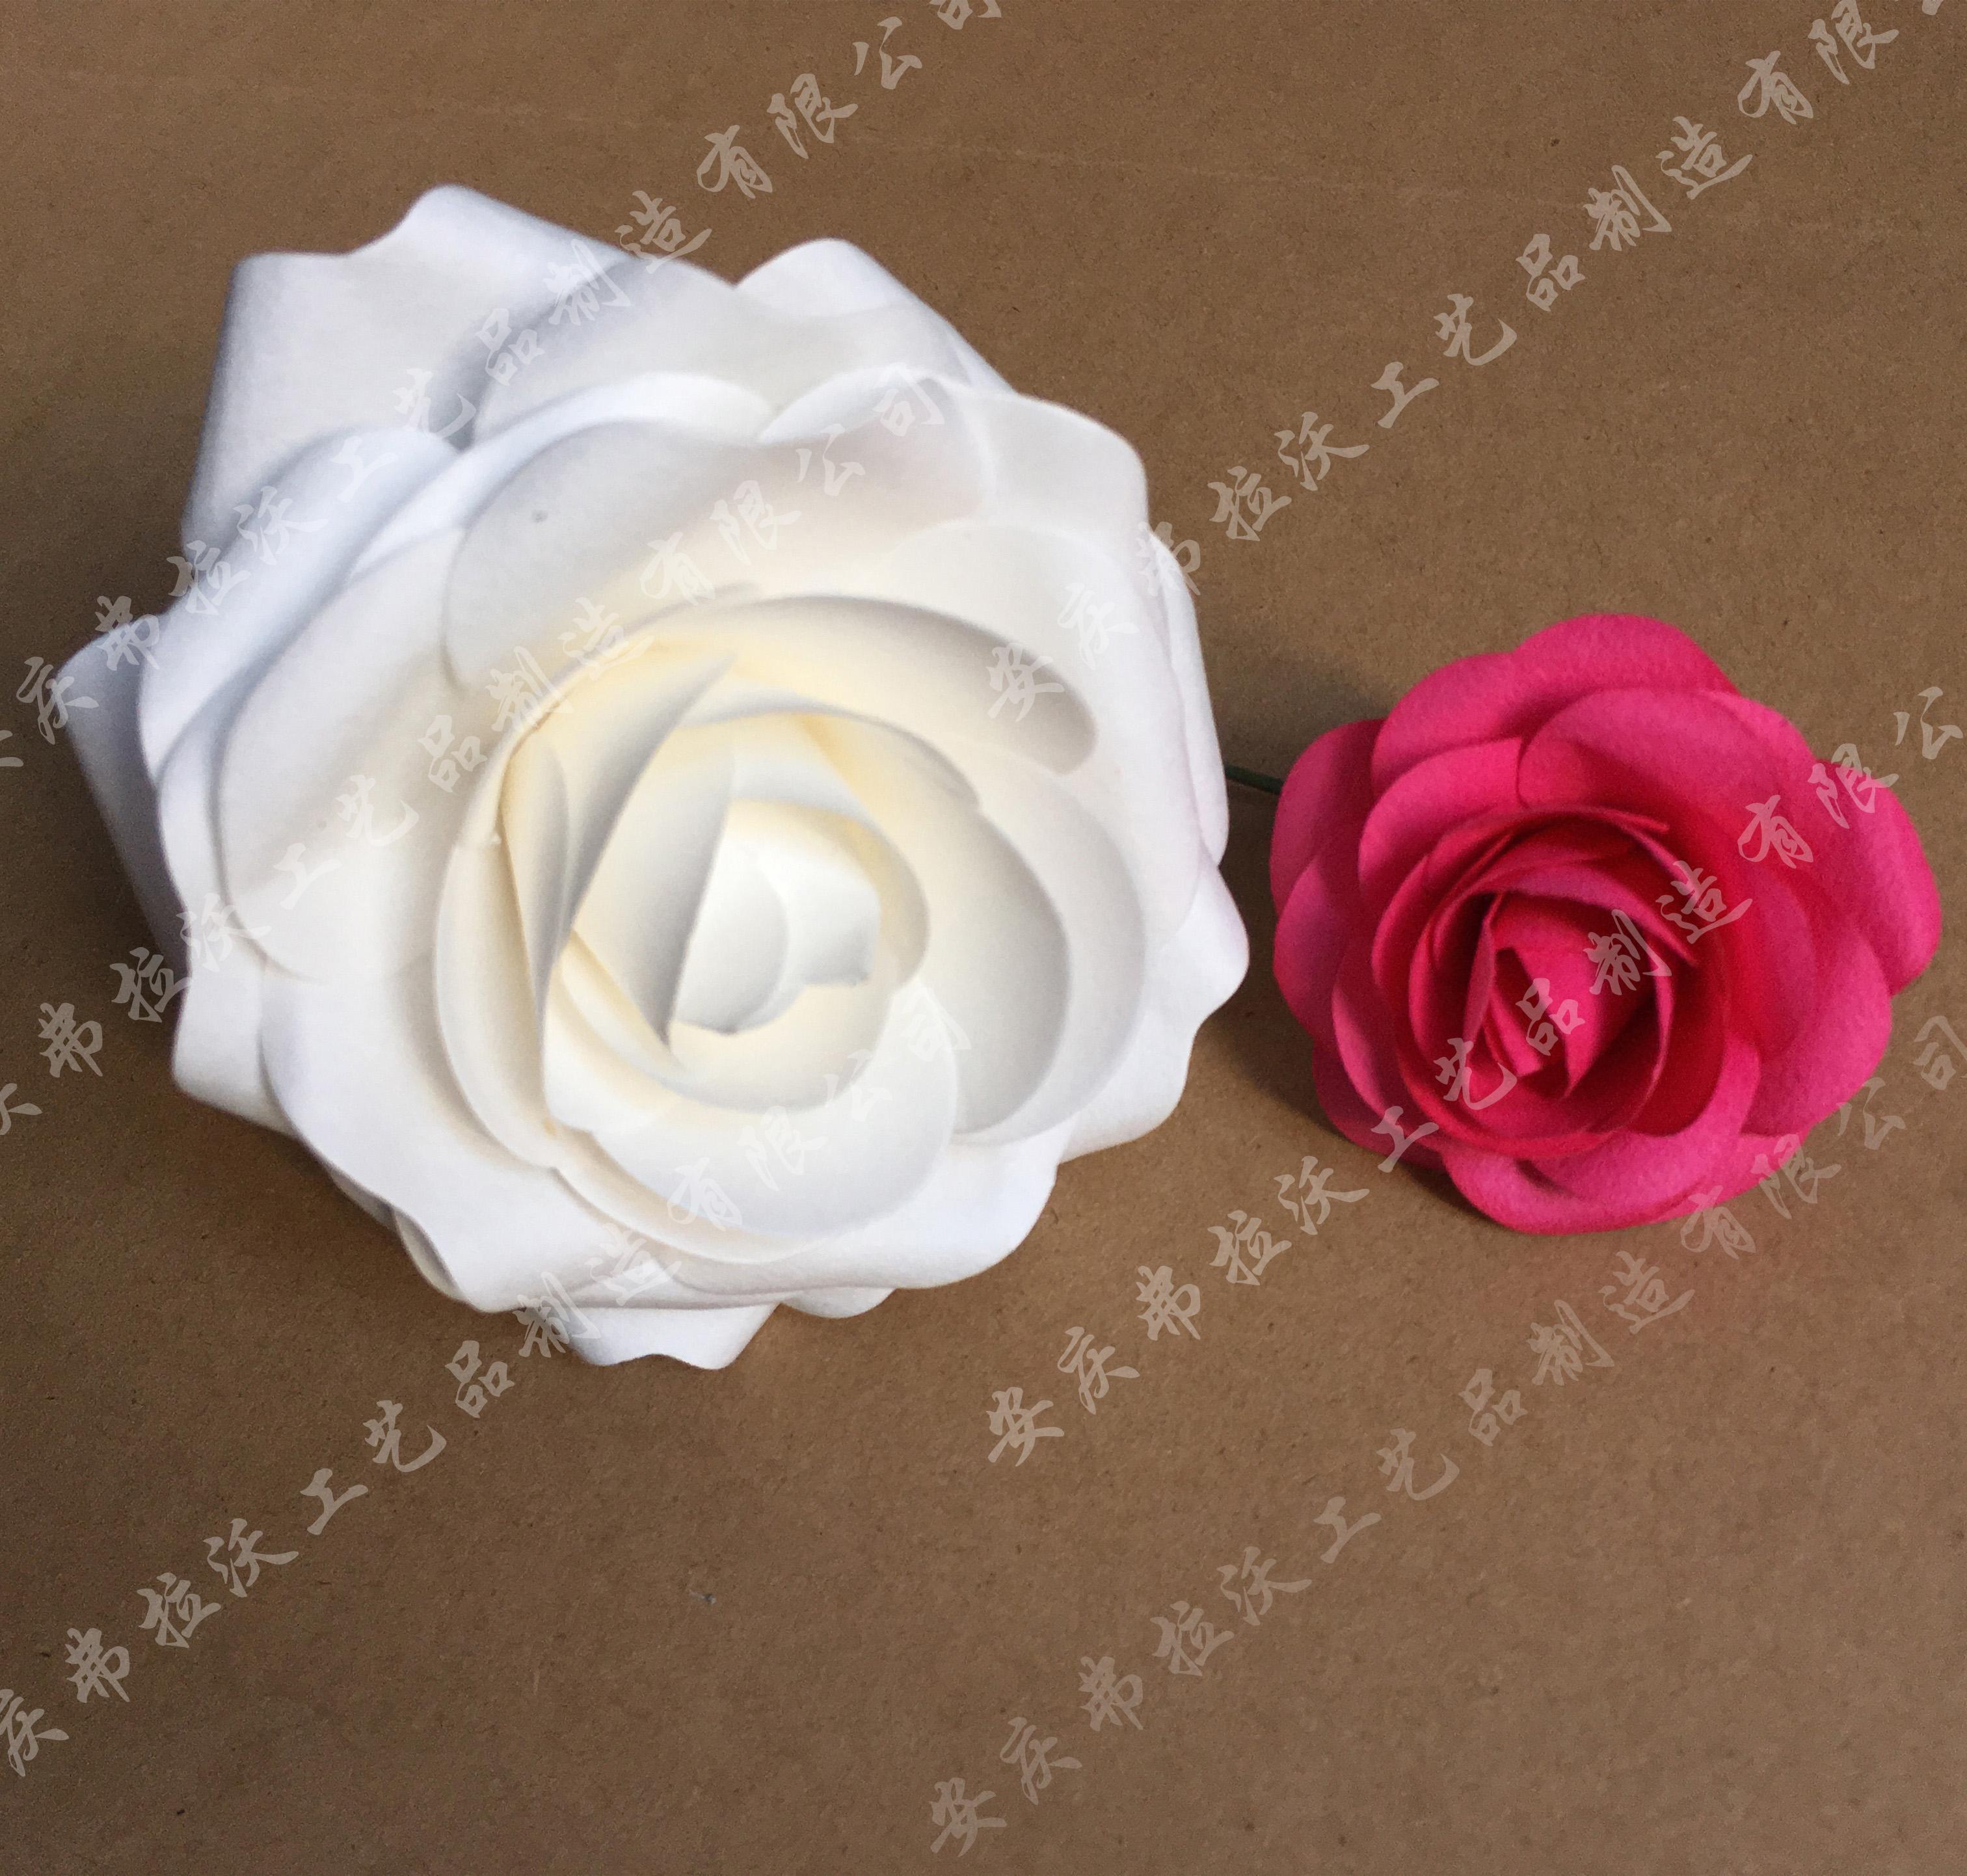 > 手工纸花玫瑰纸花模拟纸玫瑰婚礼装饰玫瑰花